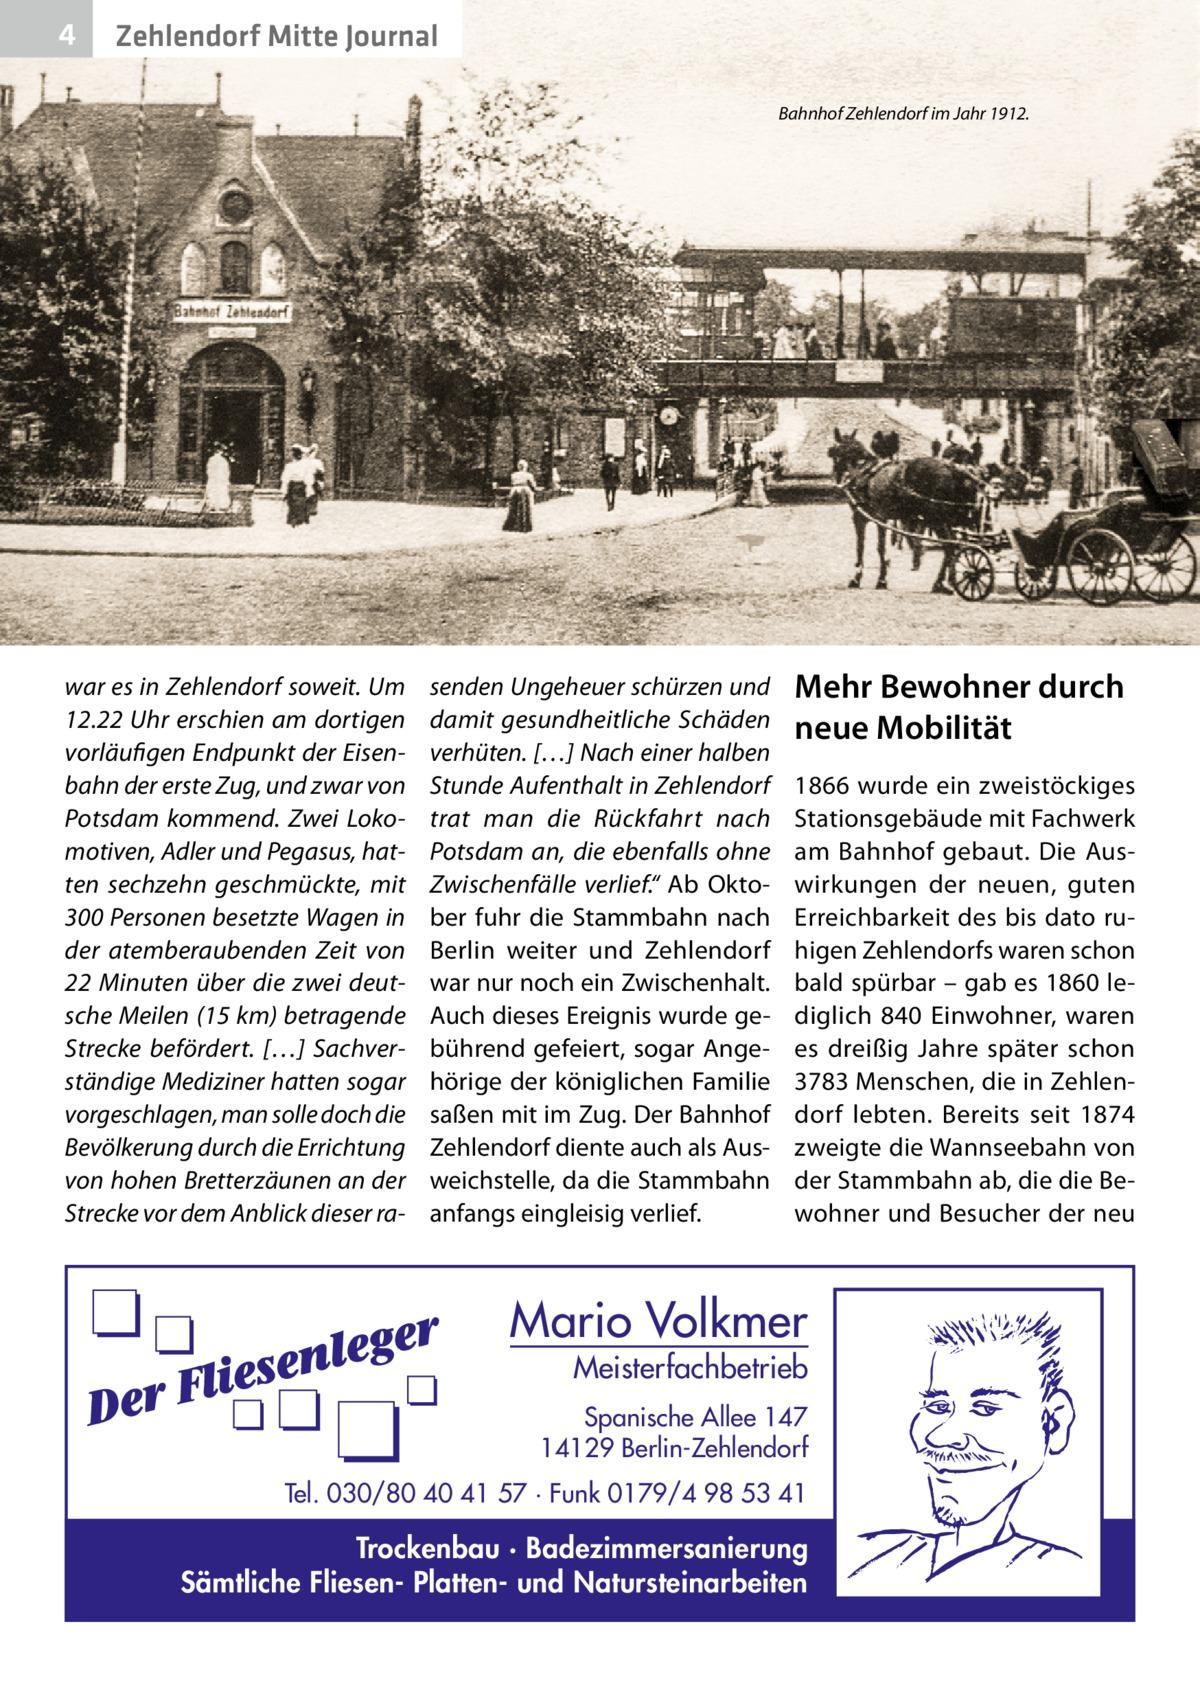 """4  Zehlendorf Mitte Journal Bahnhof Zehlendorf im Jahr 1912.  war es in Zehlendorf soweit. Um 12.22Uhr erschien am dortigen vorläufigen Endpunkt der Eisenbahn der erste Zug, und zwar von Potsdam kommend. Zwei Lokomotiven, Adler und Pegasus, hatten sechzehn geschmückte, mit 300 Personen besetzte Wagen in der atemberaubenden Zeit von 22 Minuten über die zwei deutsche Meilen (15km) betragende Strecke befördert. […] Sachverständige Mediziner hatten sogar vorgeschlagen, man solle doch die Bevölkerung durch die Errichtung von hohen Bretterzäunen an der Strecke vor dem Anblick dieser ra senden Ungeheuer schürzen und damit gesundheitliche Schäden verhüten. […] Nach einer halben Stunde Aufenthalt in Zehlendorf trat man die Rückfahrt nach Potsdam an, die ebenfalls ohne Zwischenfälle verlief."""" Ab Oktober fuhr die Stammbahn nach Berlin weiter und Zehlendorf war nur noch ein Zwischenhalt. Auch dieses Ereignis wurde gebührend gefeiert, sogar Angehörige der königlichen Familie saßen mit im Zug. Der Bahnhof Zehlendorf diente auch als Ausweichstelle, da die Stammbahn anfangs eingleisig verlief.  Mehr Bewohner durch neue Mobilität 1866 wurde ein zweistöckiges Stationsgebäude mit Fachwerk am Bahnhof gebaut. Die Auswirkungen der neuen, guten Erreichbarkeit des bis dato ruhigen Zehlendorfs waren schon bald spürbar – gab es 1860 lediglich 840 Einwohner, waren es dreißig Jahre später schon 3783 Menschen, die in Zehlendorf lebten. Bereits seit 1874 zweigte die Wannseebahn von der Stammbahn ab, die die Bewohner und Besucher der neu  Mario Volkmer  Meisterfachbetrieb  Spanische Allee 147 14129 Berlin-Zehlendorf Tel. 030/80 40 41 57 · Funk 0179/4 98 53 41  Trockenbau · Badezimmersanierung Sämtliche Fliesen- Platten- und Natursteinarbeiten"""